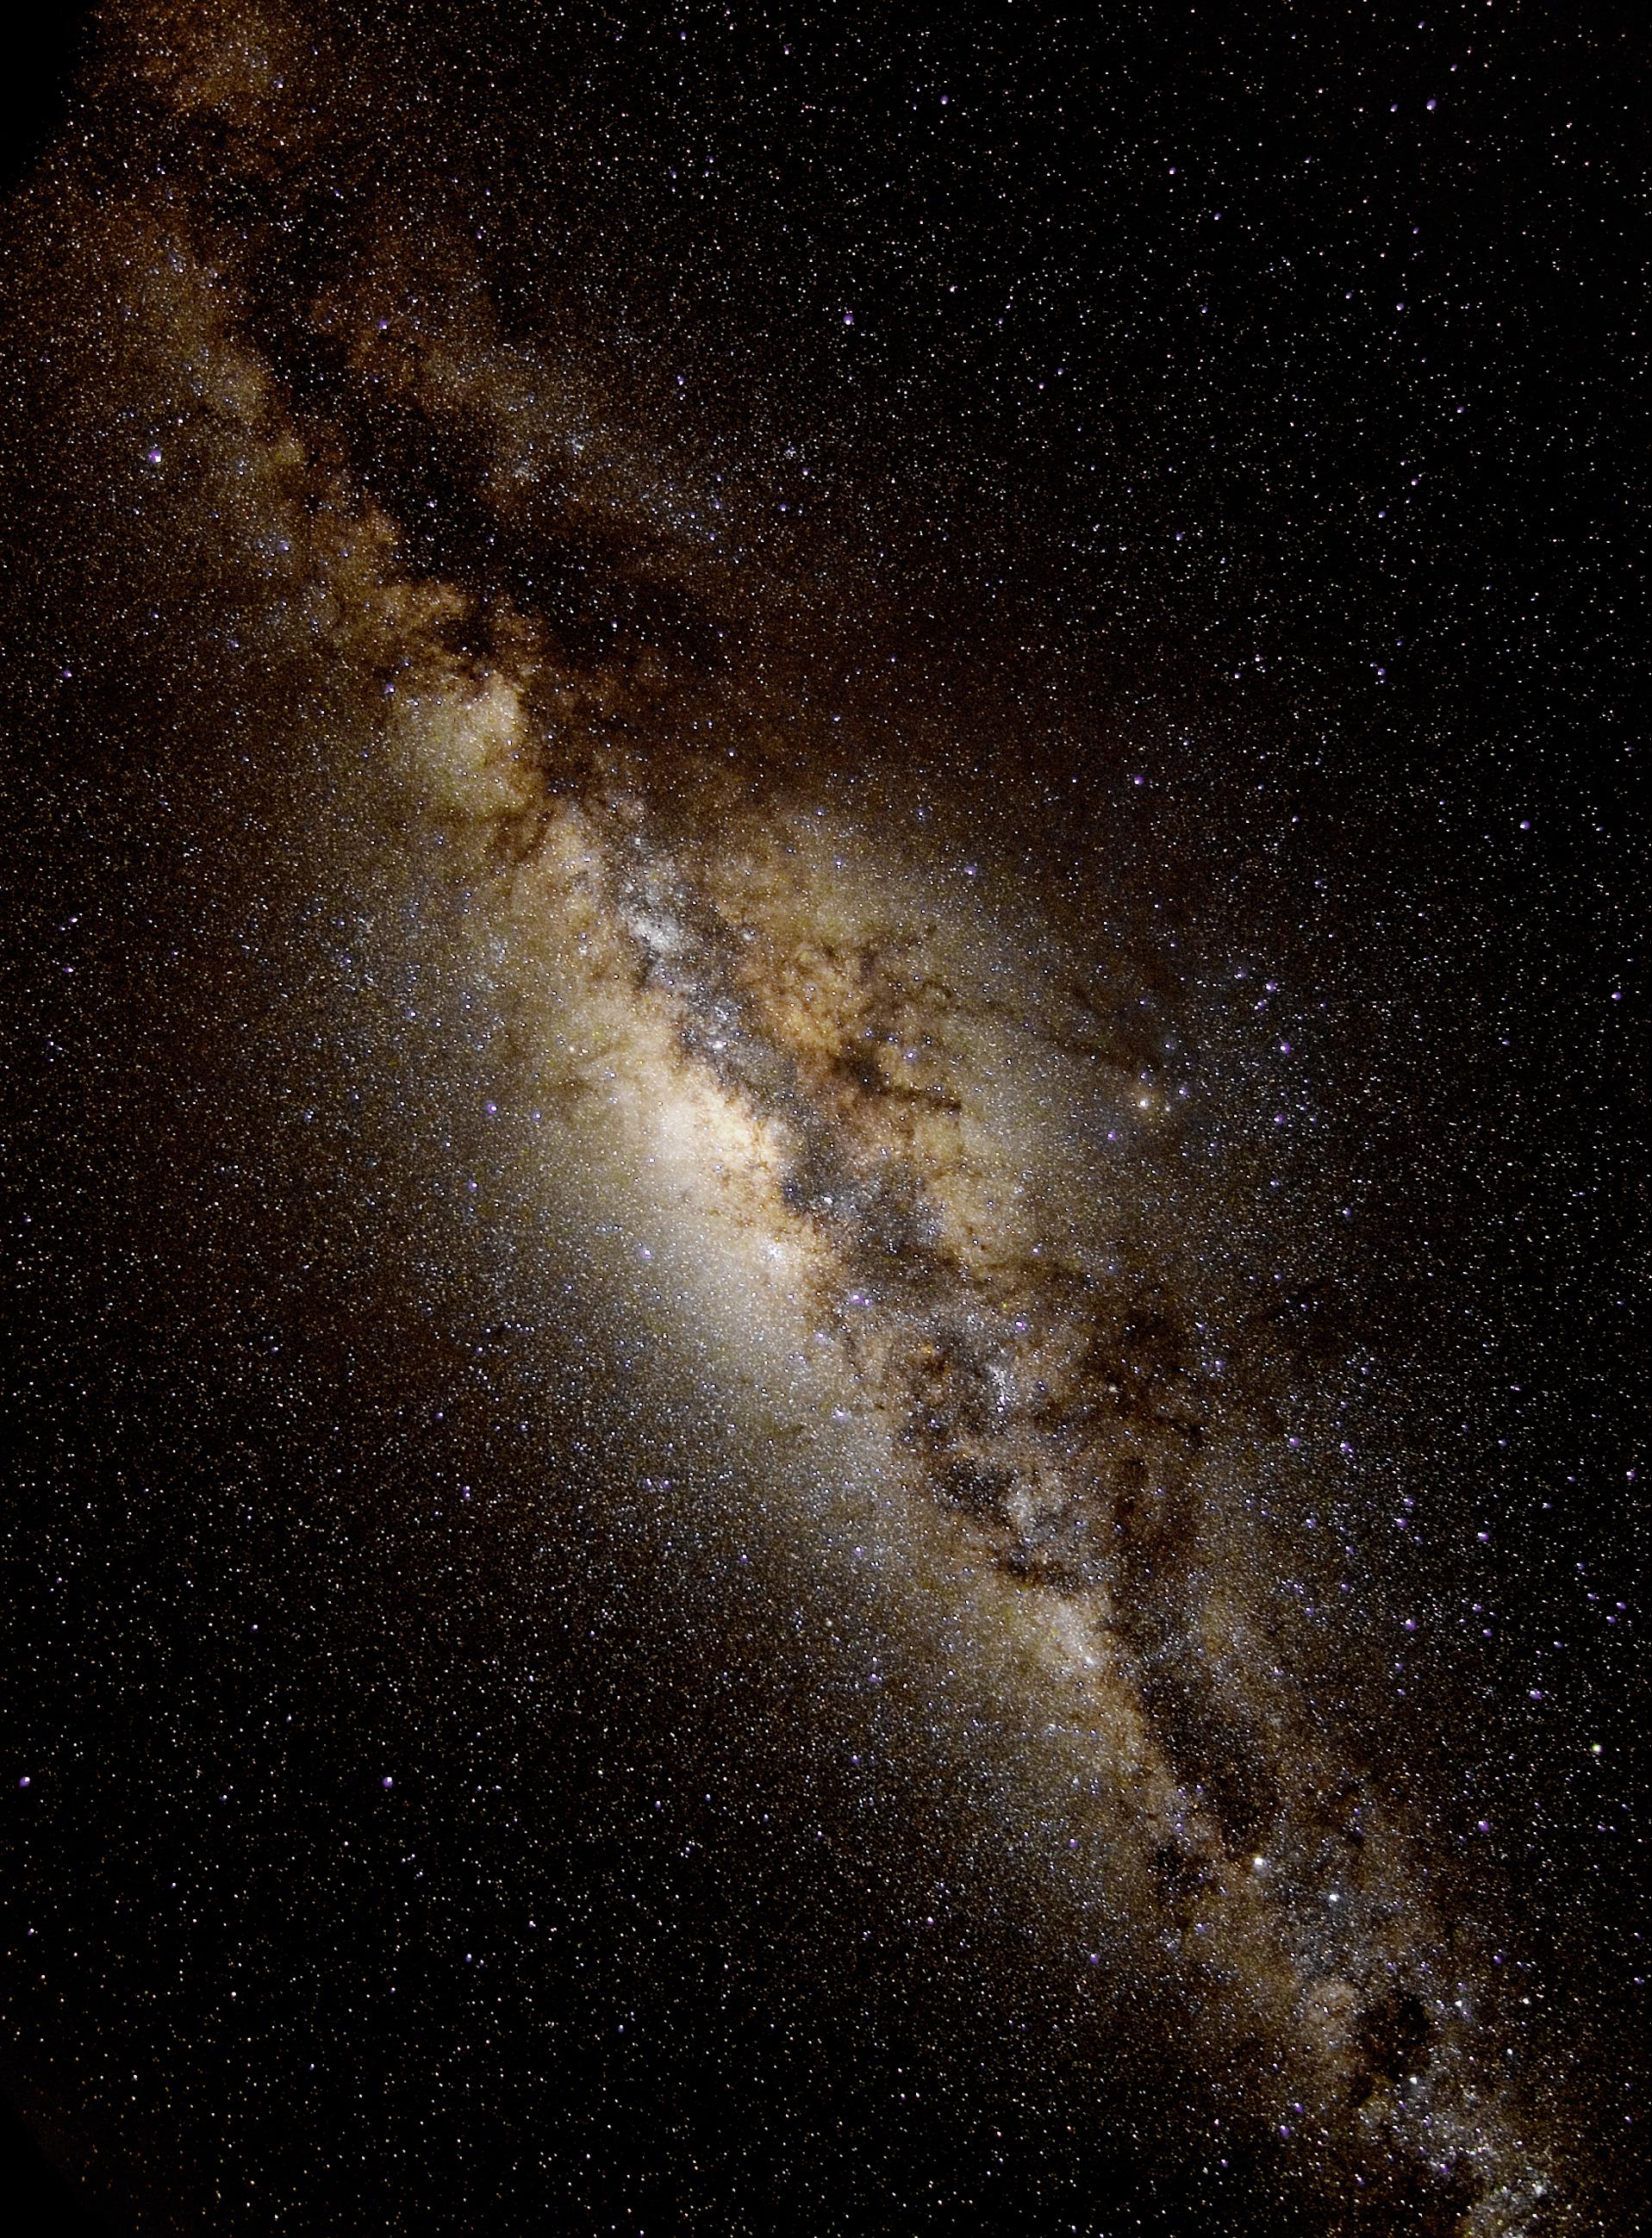 Les Galaxies Notre-galaxie-big